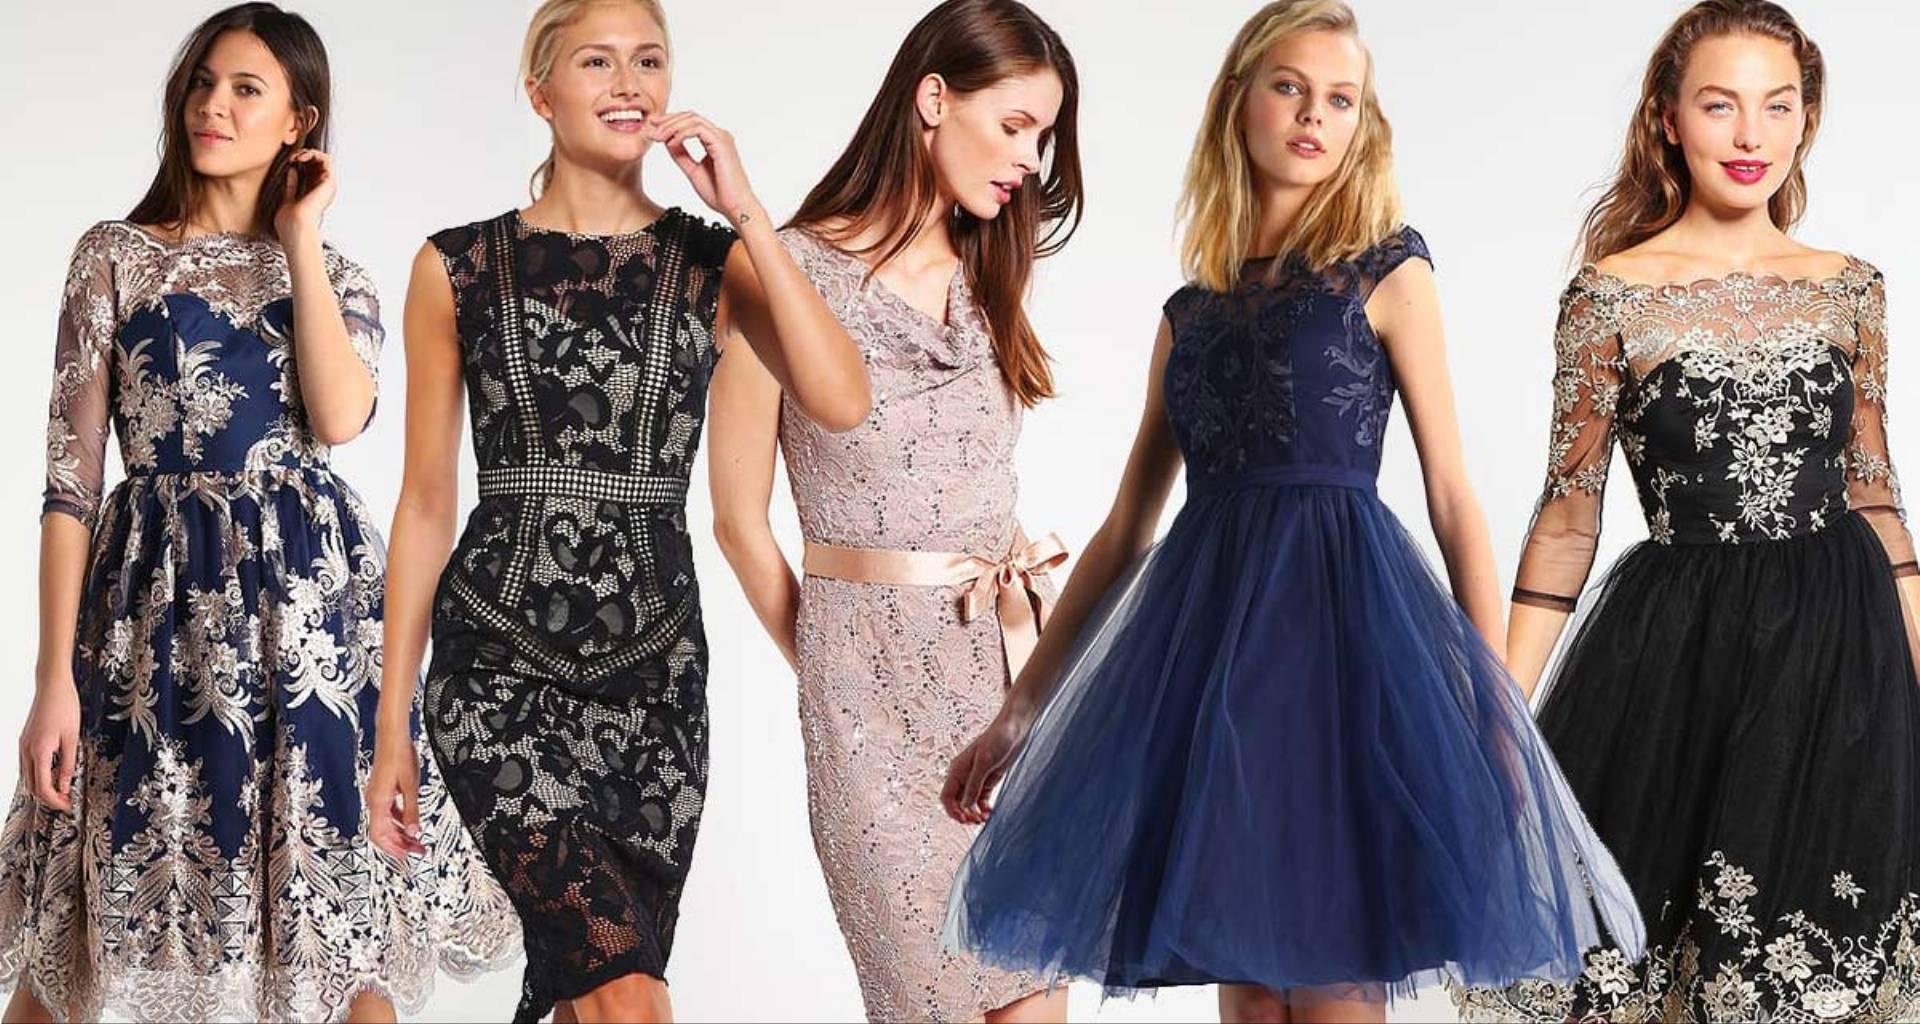 3c0d0ed42bd0 Sukienka na studniówkę - jak wybrać tę najlepszą  - KobietaMag.pl